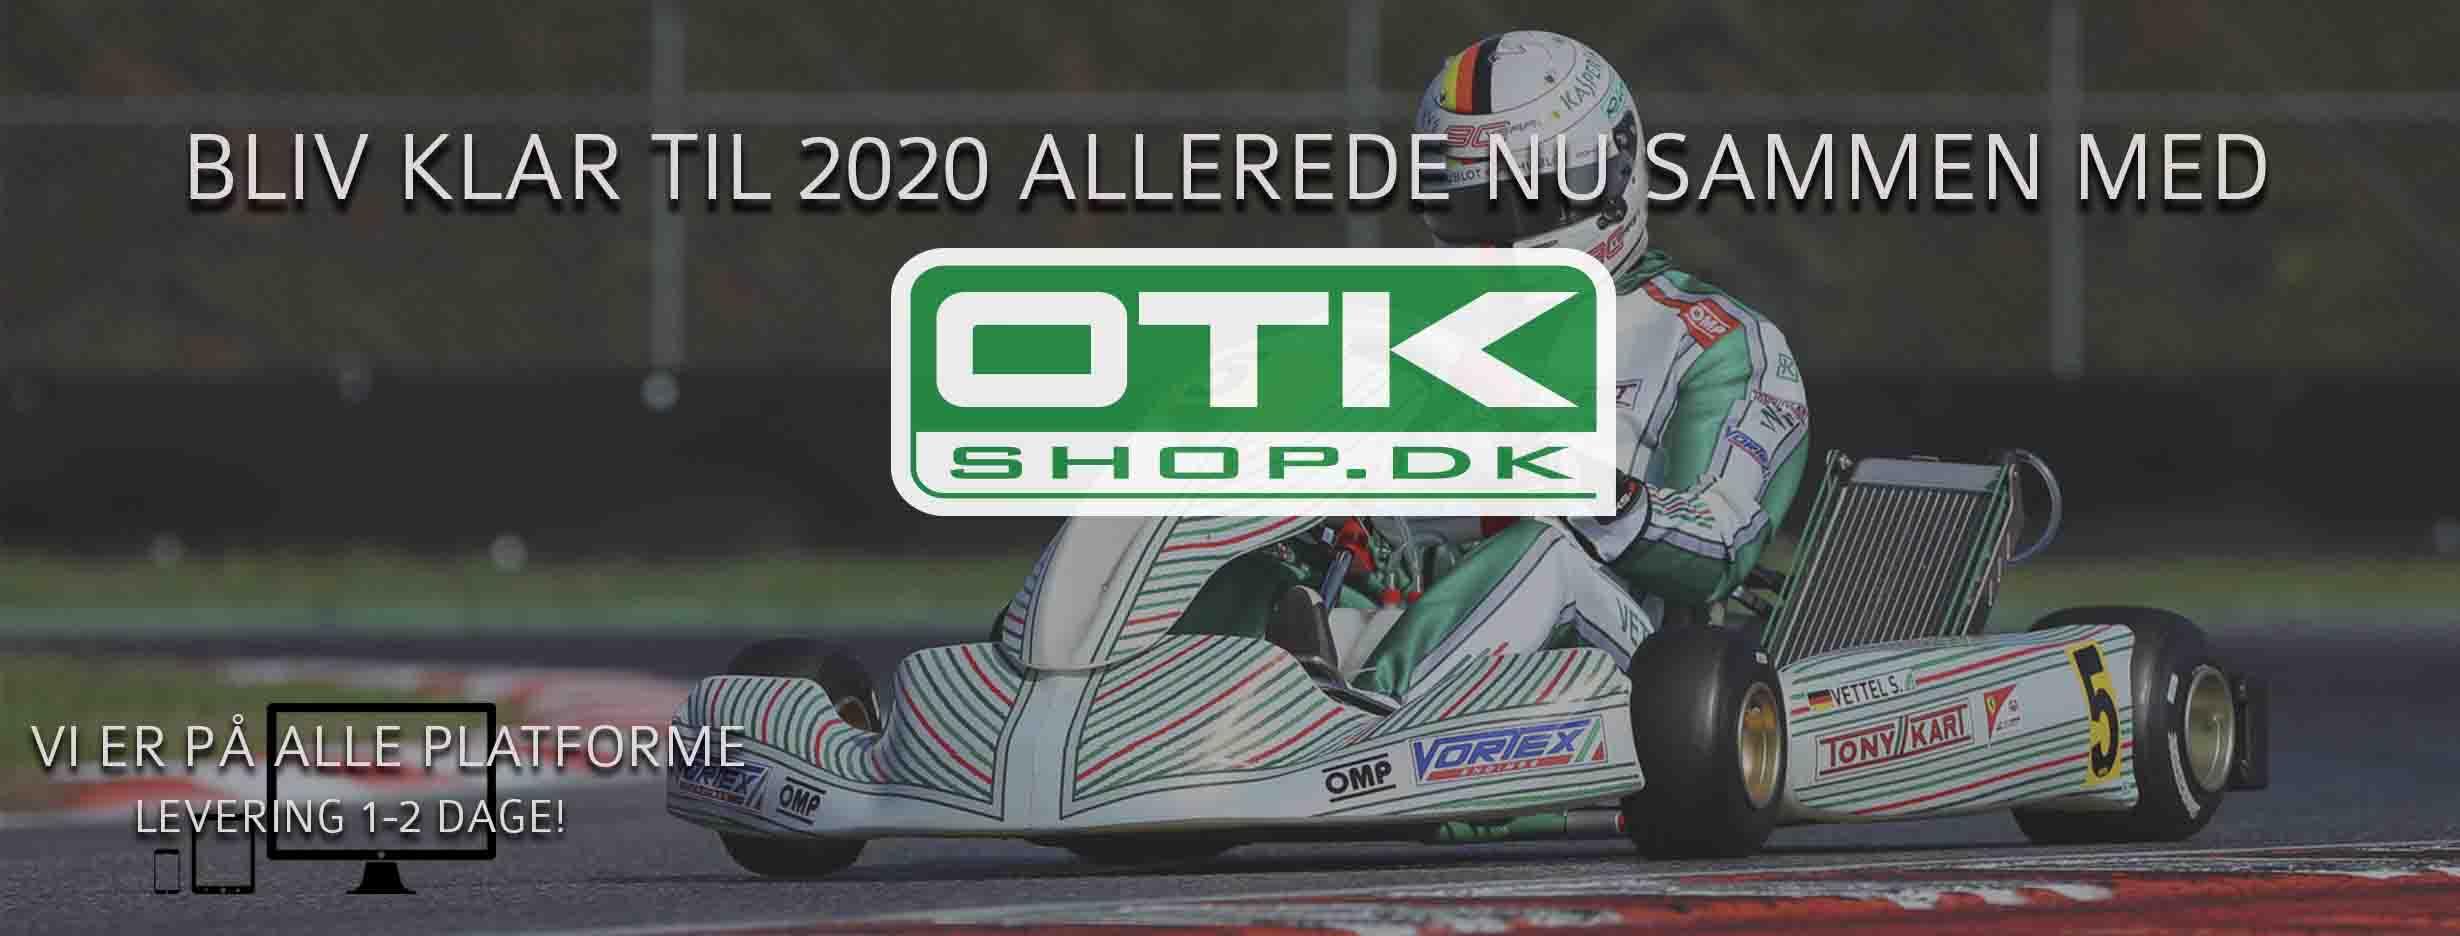 photo of otkshop.dk